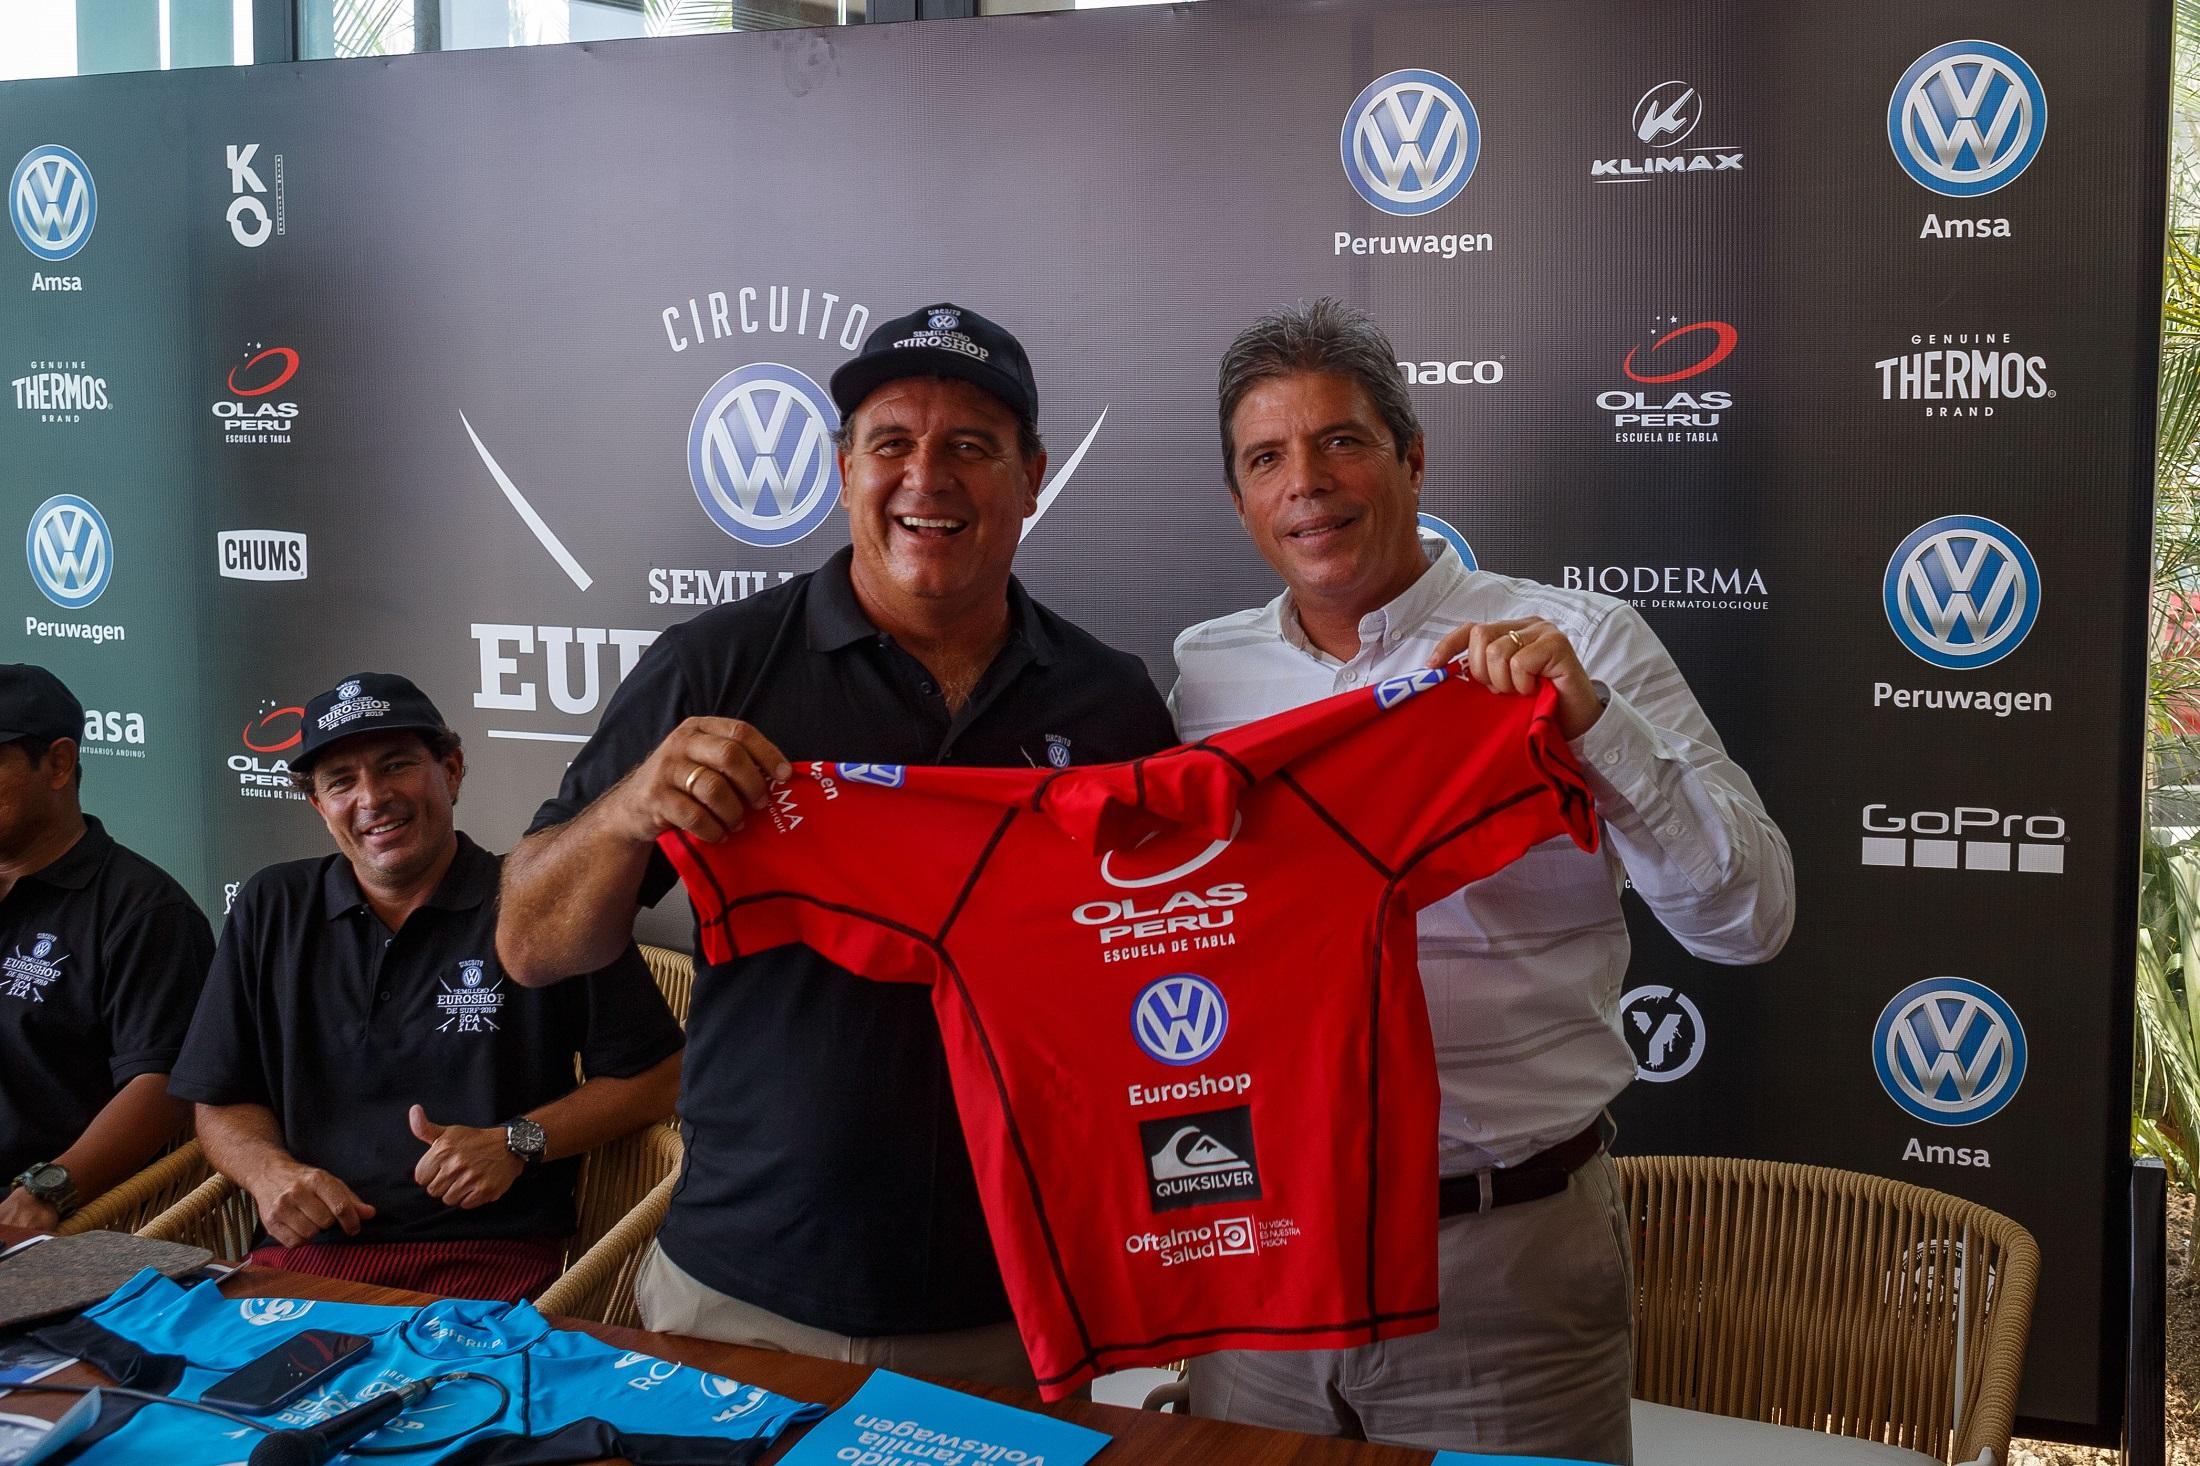 Escuela de tabla Olas Perú inicia mañana Semillero de Surf 2019